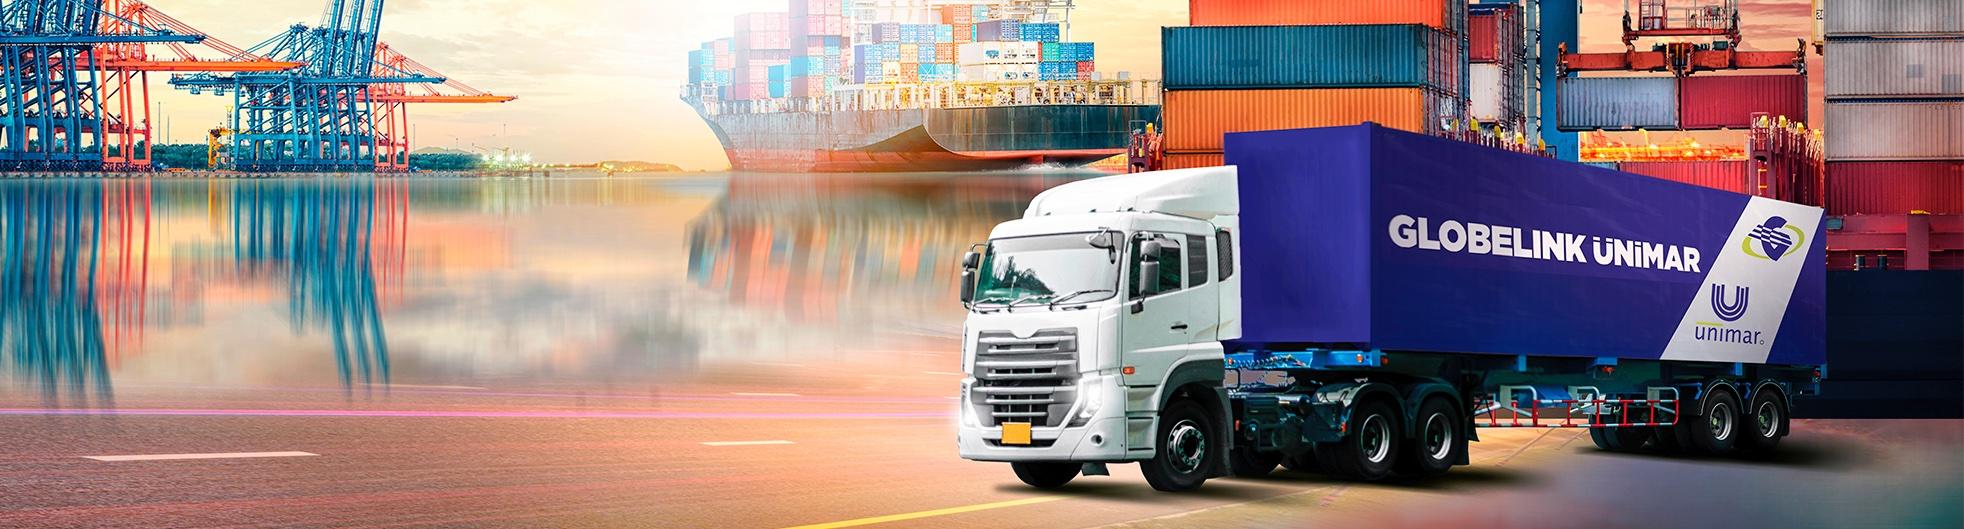 Müşteri, karayolu parsiyel taşımacılığını farklı taşıma yöntemiyle de birleştirebiliyoruz.